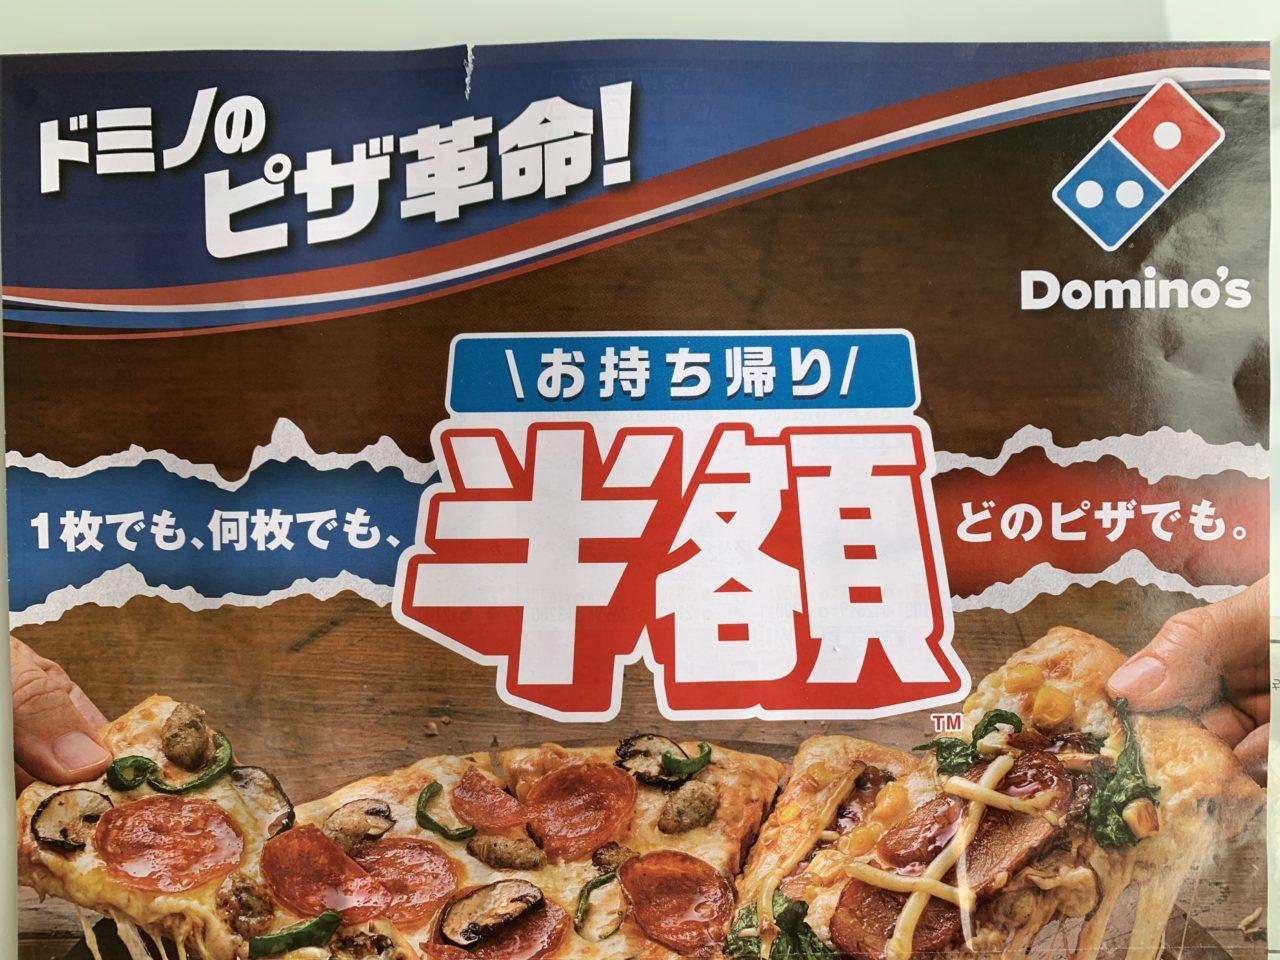 ドミノピザ クーポン「デリバリー30%OFF/サイド2品600円」